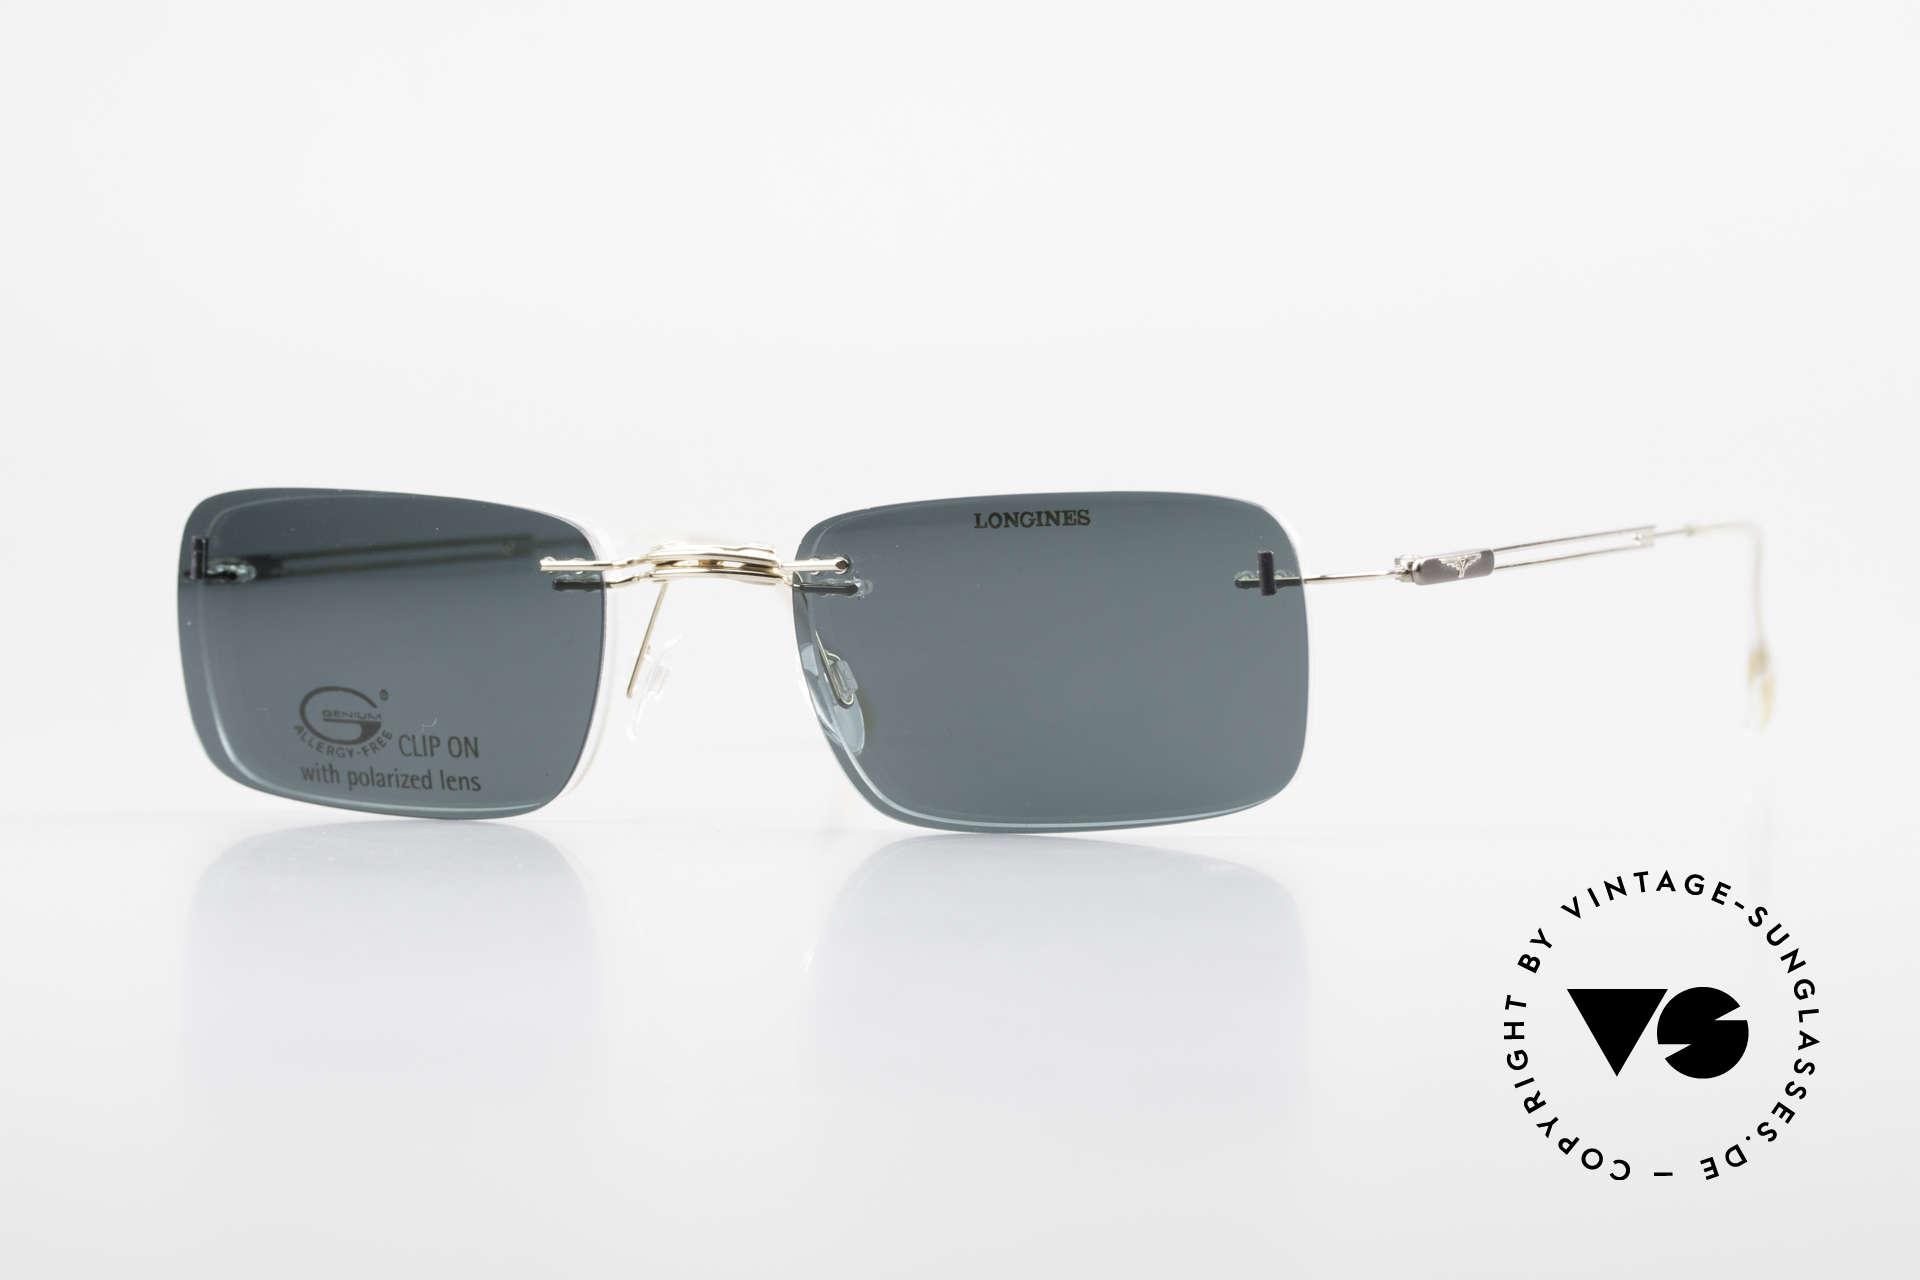 Longines 4367 Polarisierende Brille Randlos, 90er Longines Modell 4367 color 130, Größe 50-21, 135, Passend für Herren